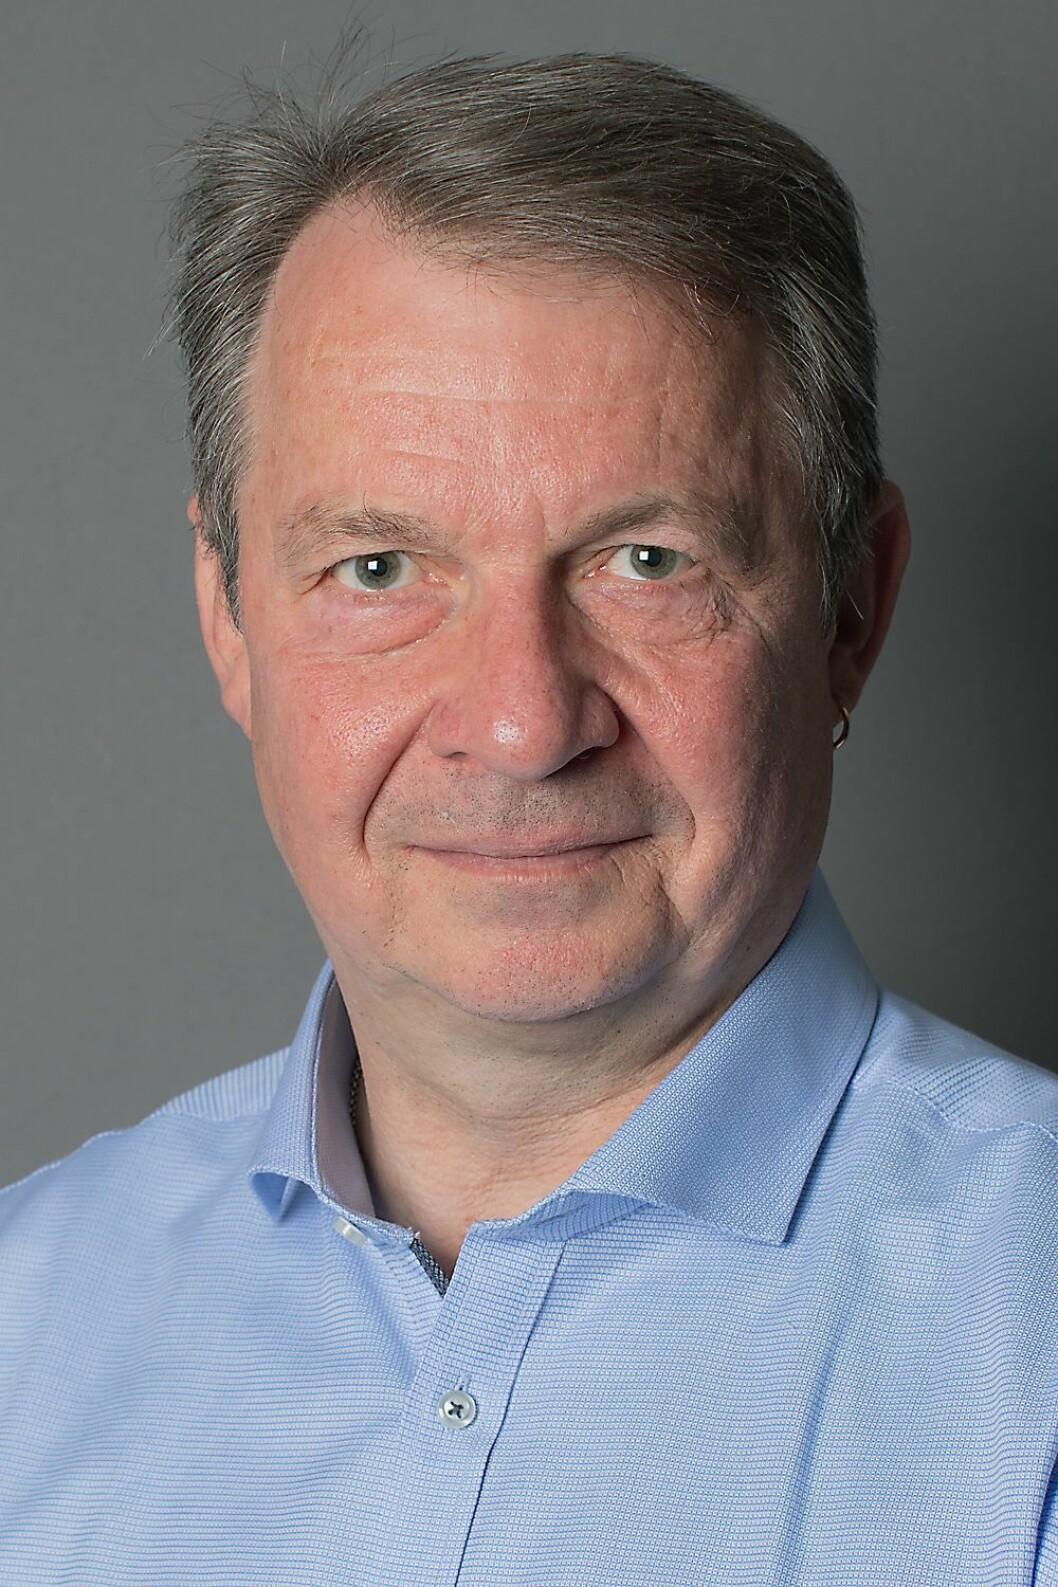 Julian Simpson er ny Shure-mann i Norden. Foto: Shure.